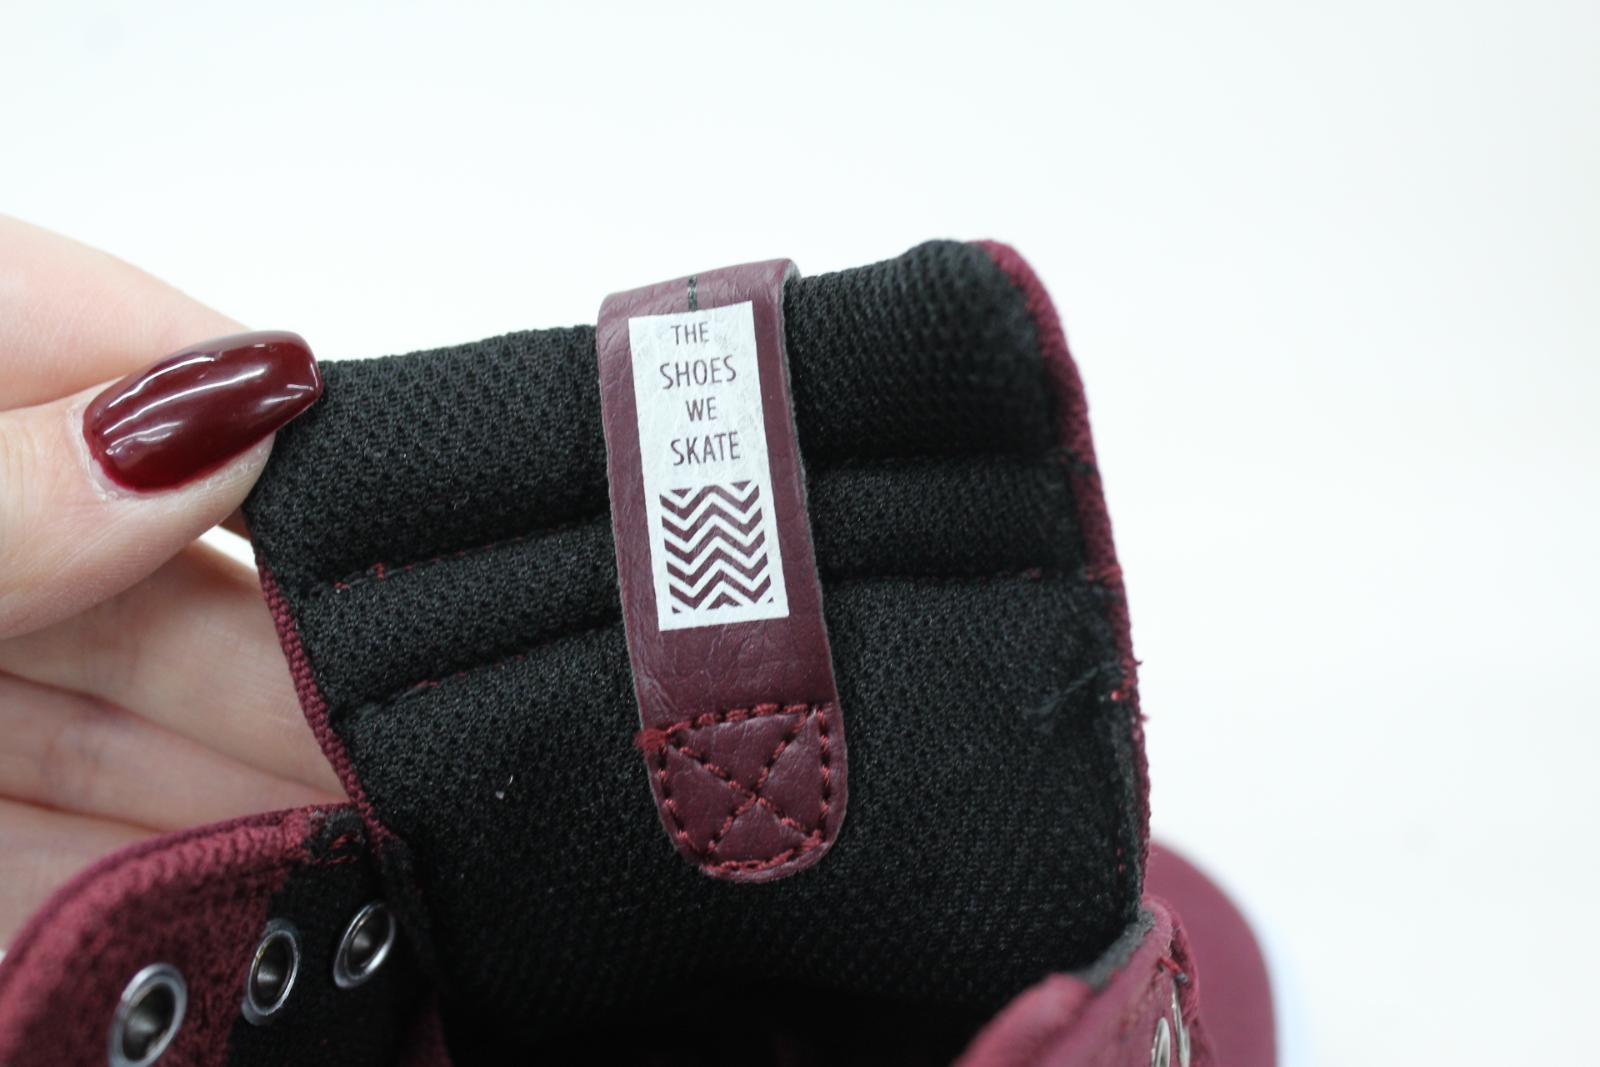 LAKAI Men's Griffin Porta Rosso Tela scarpe da ginnastica Basse Basse Basse Scarpe da skateboard UK6.5 EU40.5 NUOVO CON SCATOLA | Non così costoso  b4e48a